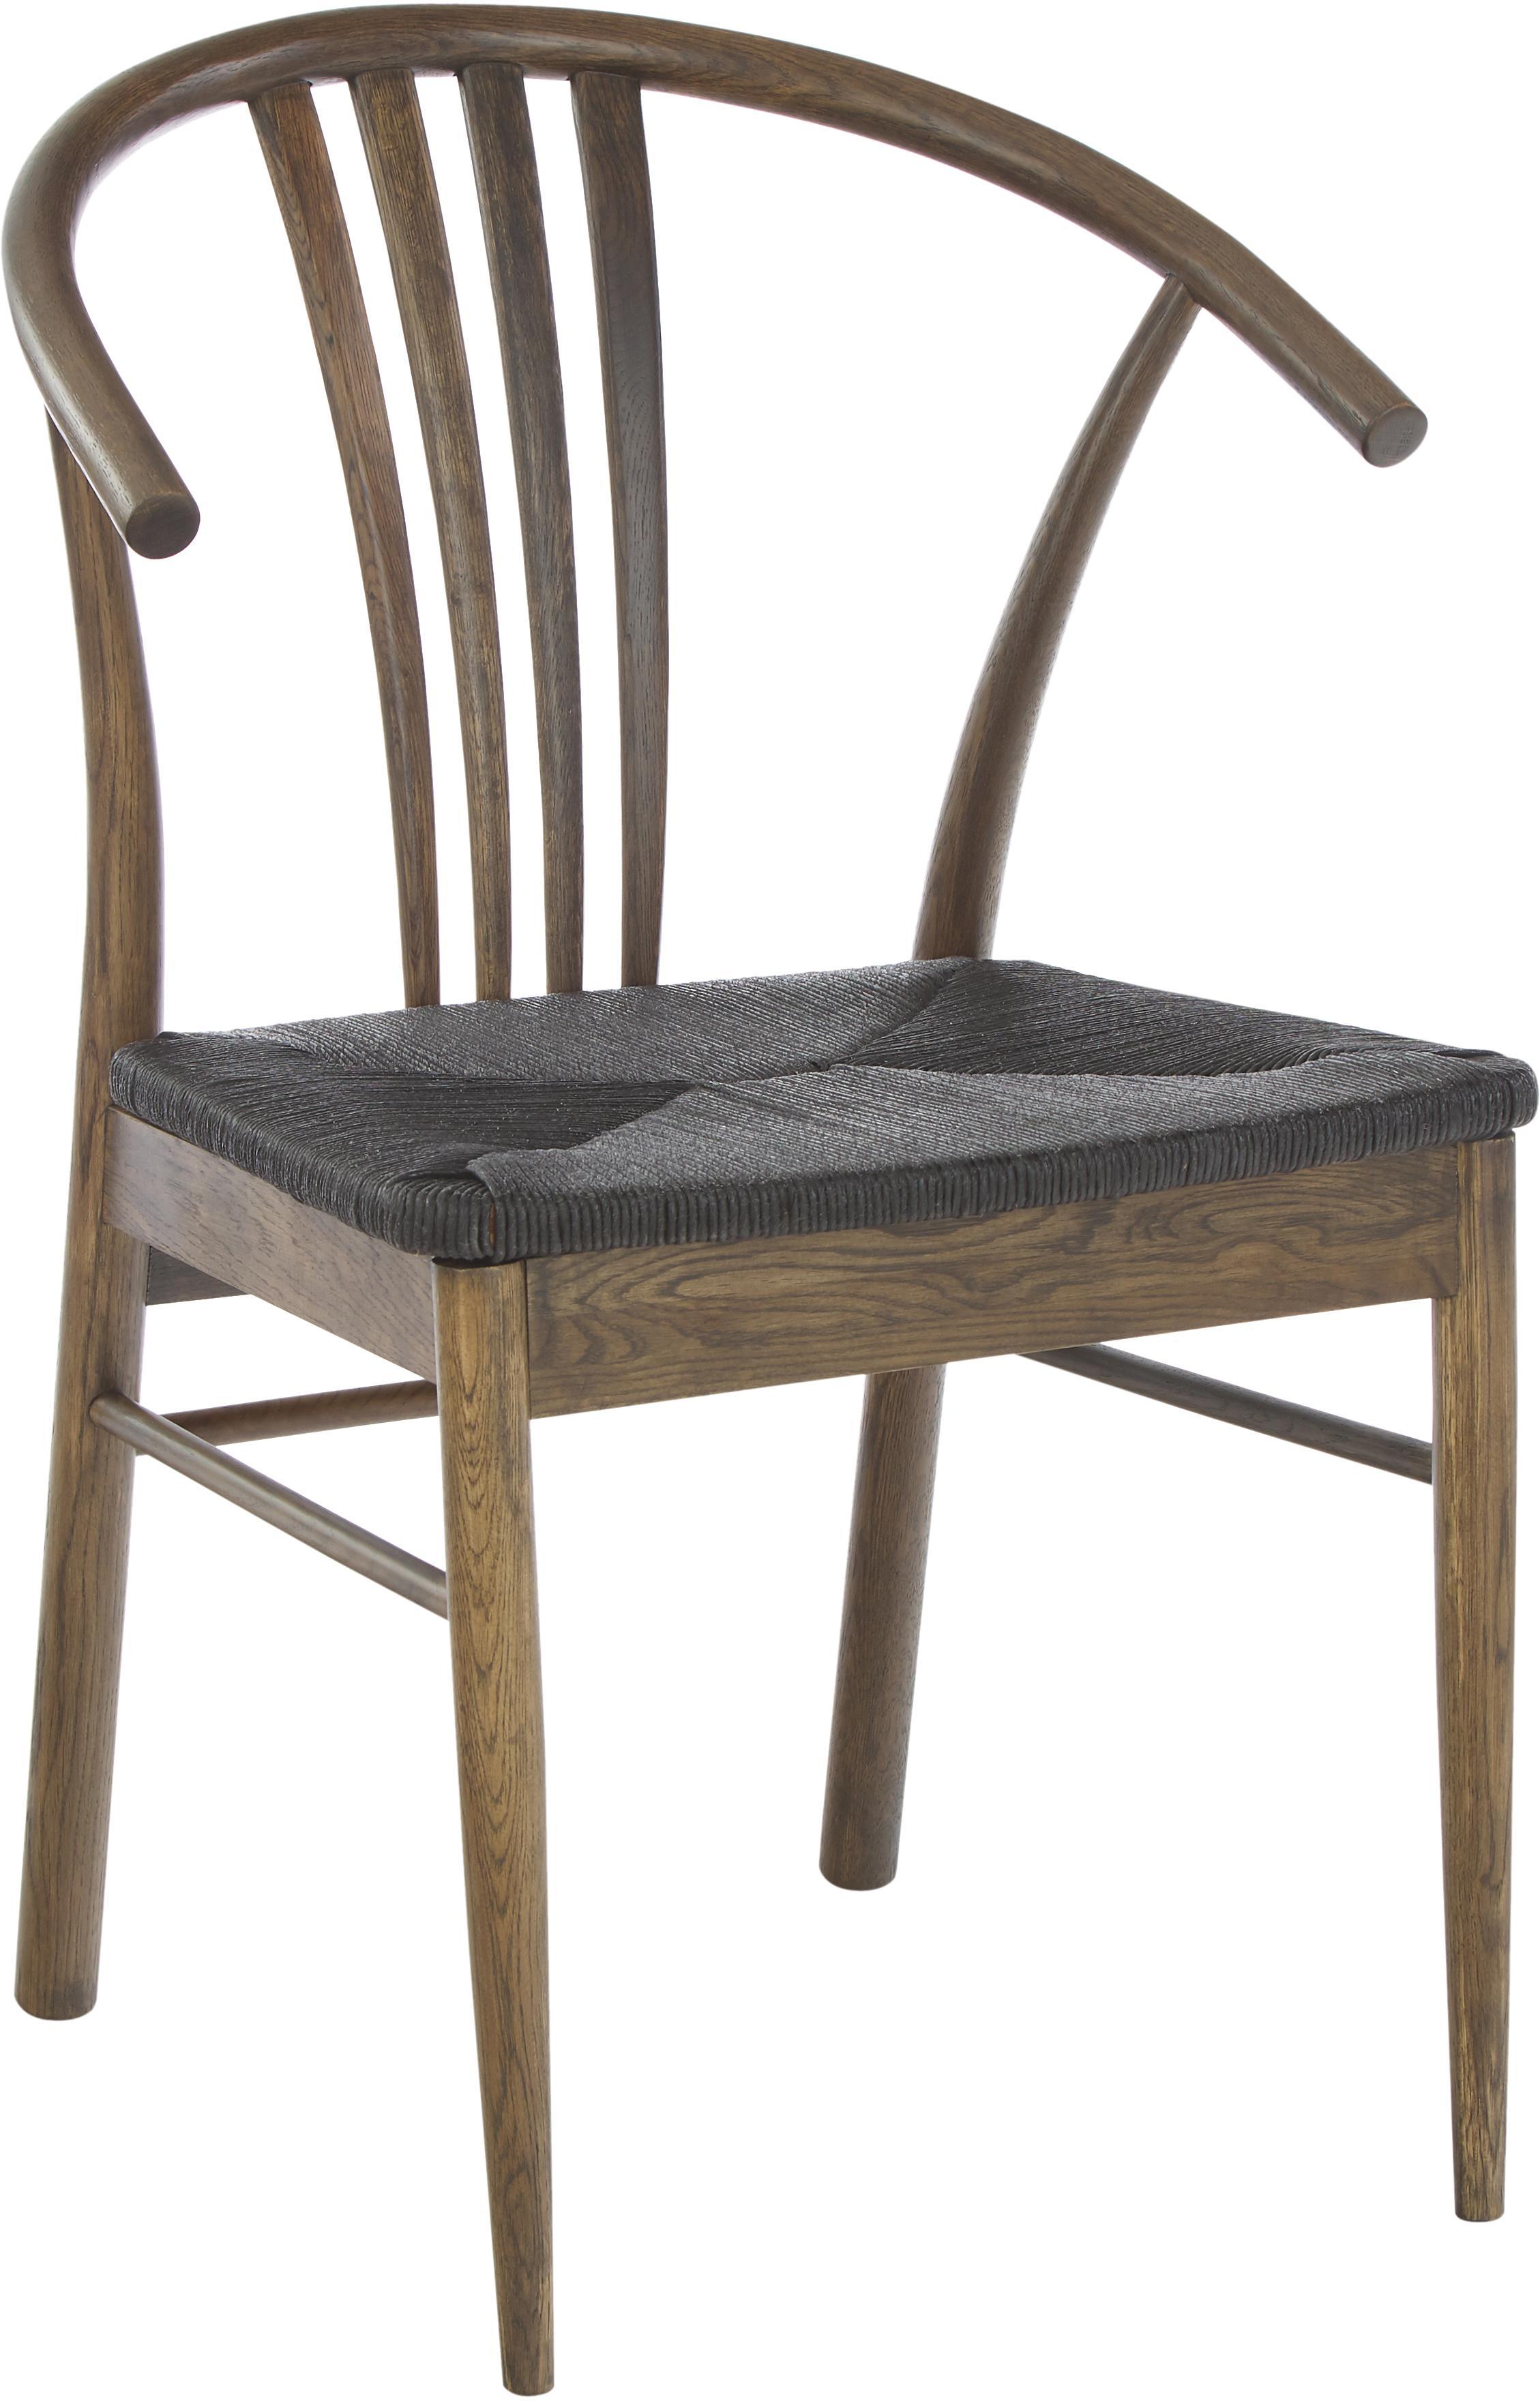 Holzstuhl York mit Armlehnen, Korpus: Eichenholz, gebeizt, Sitzfläche: Papierseil, geflochten, Schwarz, Dunkelbraun, B 54 x T 54 cm